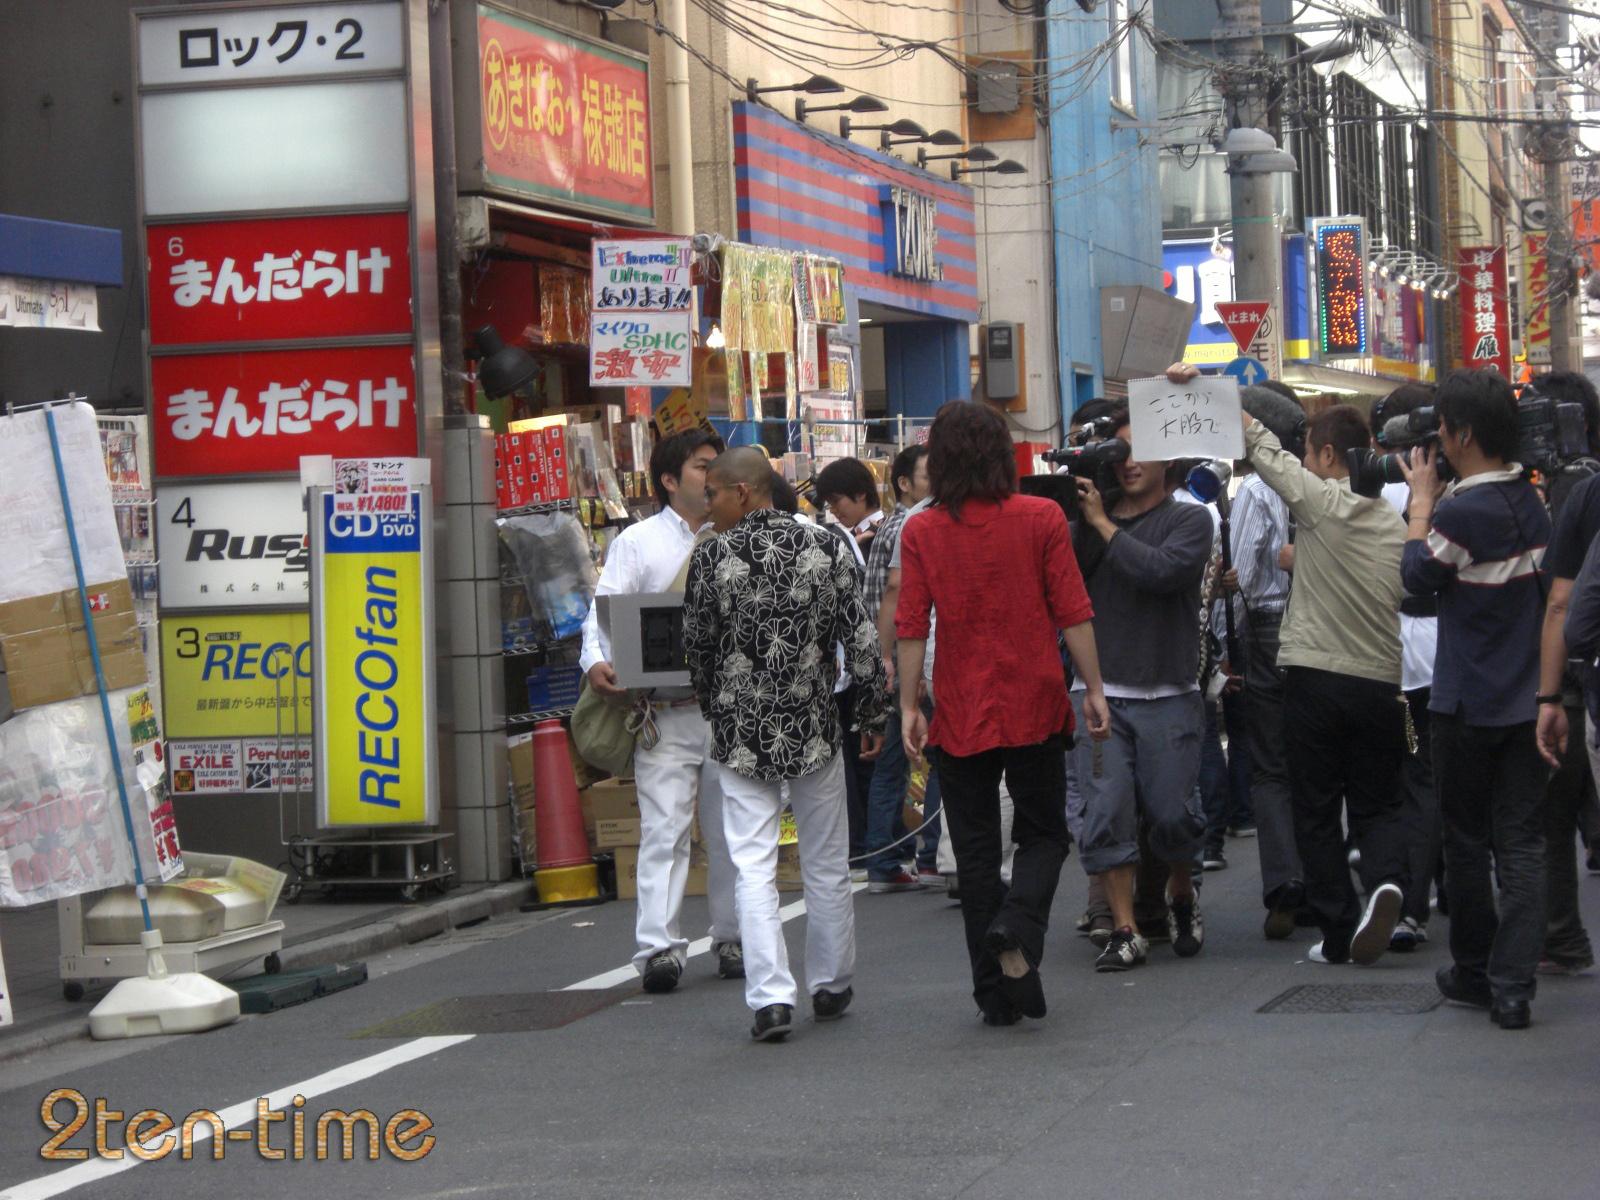 http://livedoor.blogimg.jp/nitenplus/imgs/b/f/bf012e2e.jpg